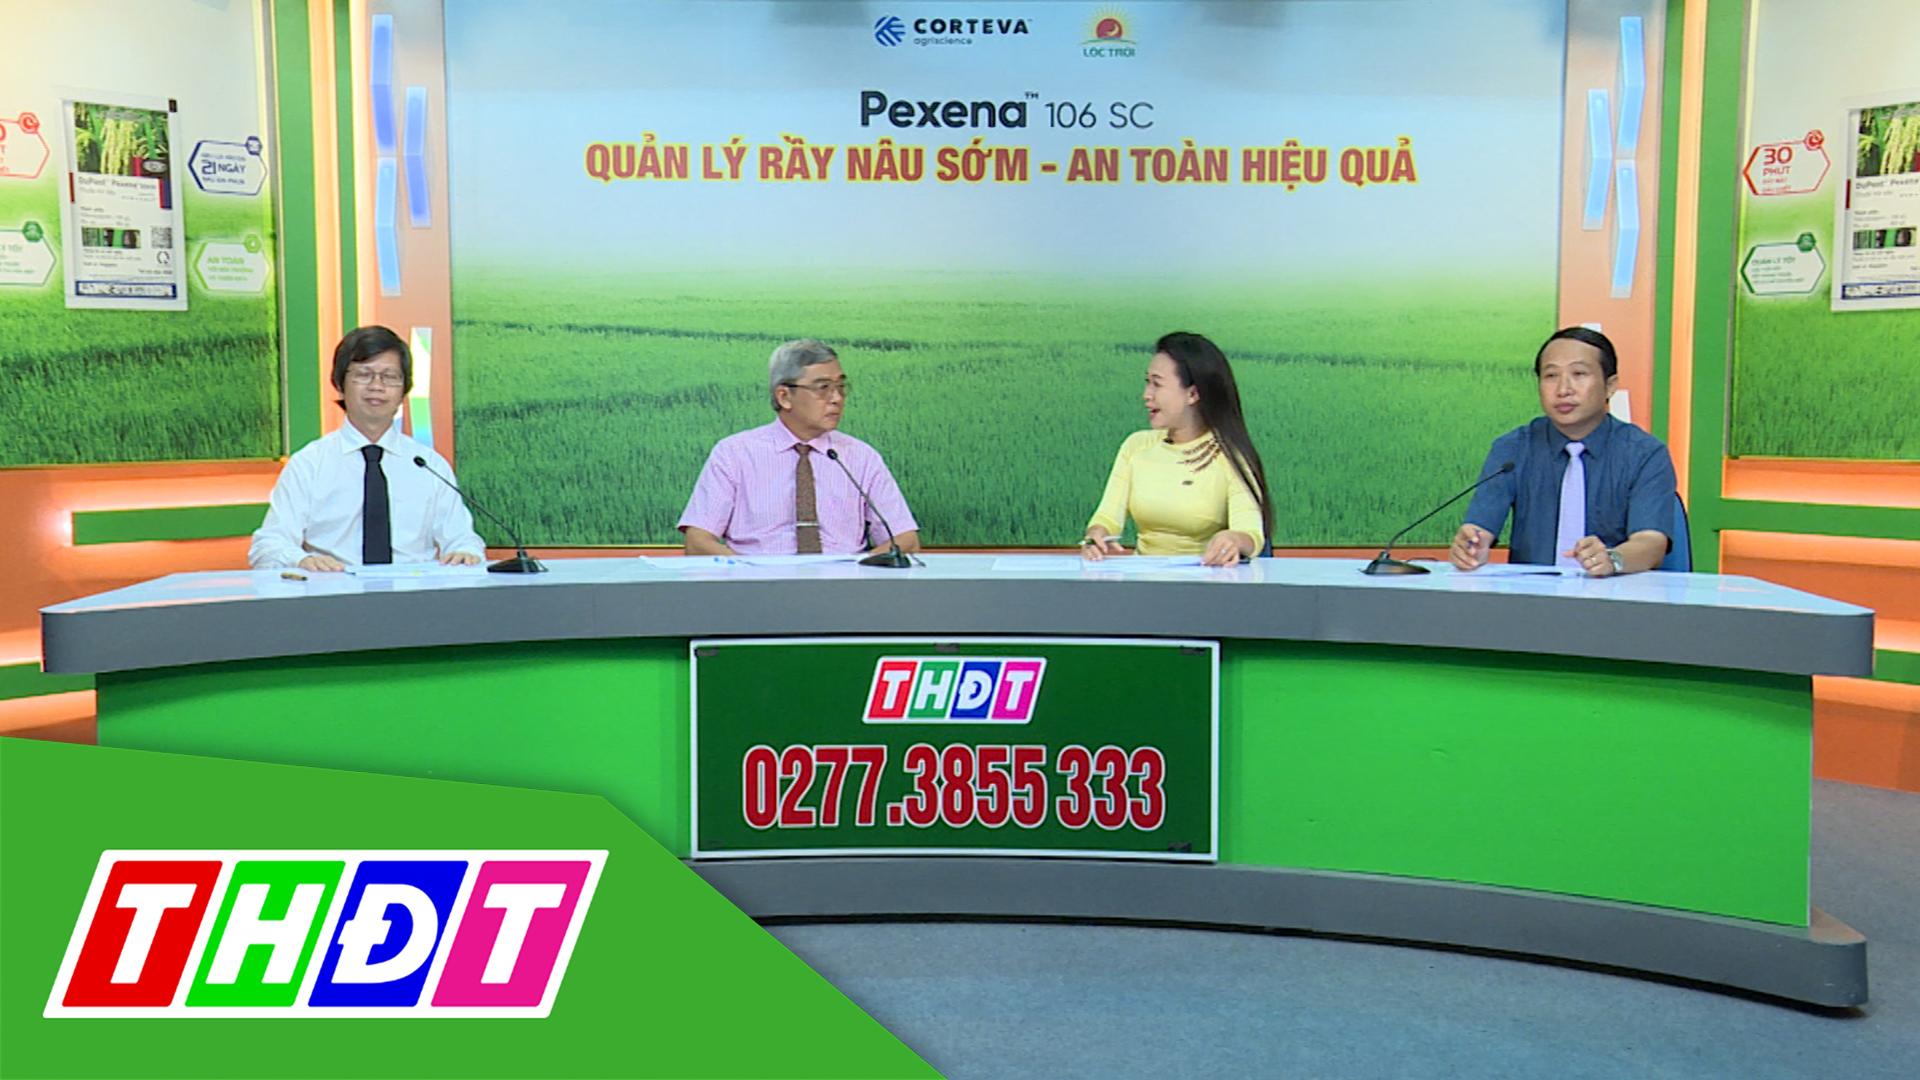 Tư vấn Khuyến nông - 14/12/2020: Quản lý rầy nâu sớm - An toàn hiệu quả